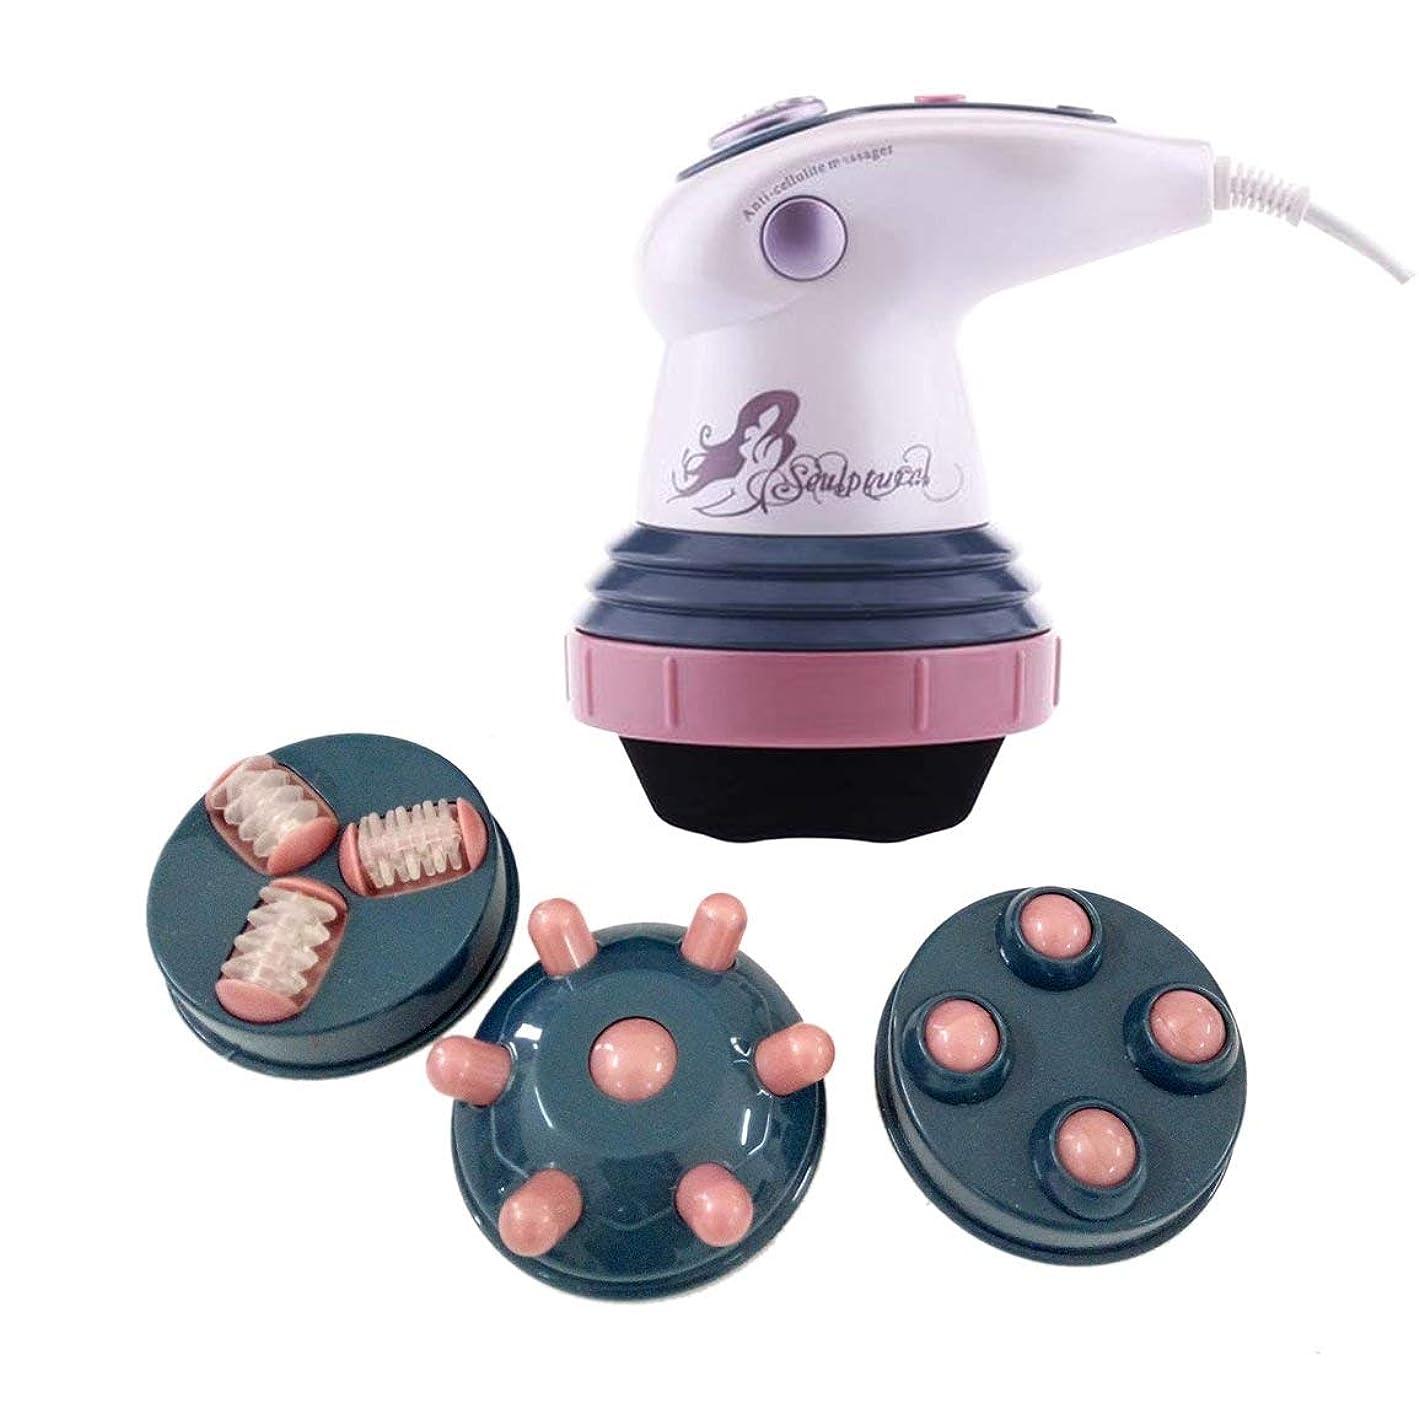 発生器意外ビーム低雑音の赤外線電気脂肪燃焼はボディスリミングマッサージャー抗セルライトボディマッサージ機を削除します - ピンク